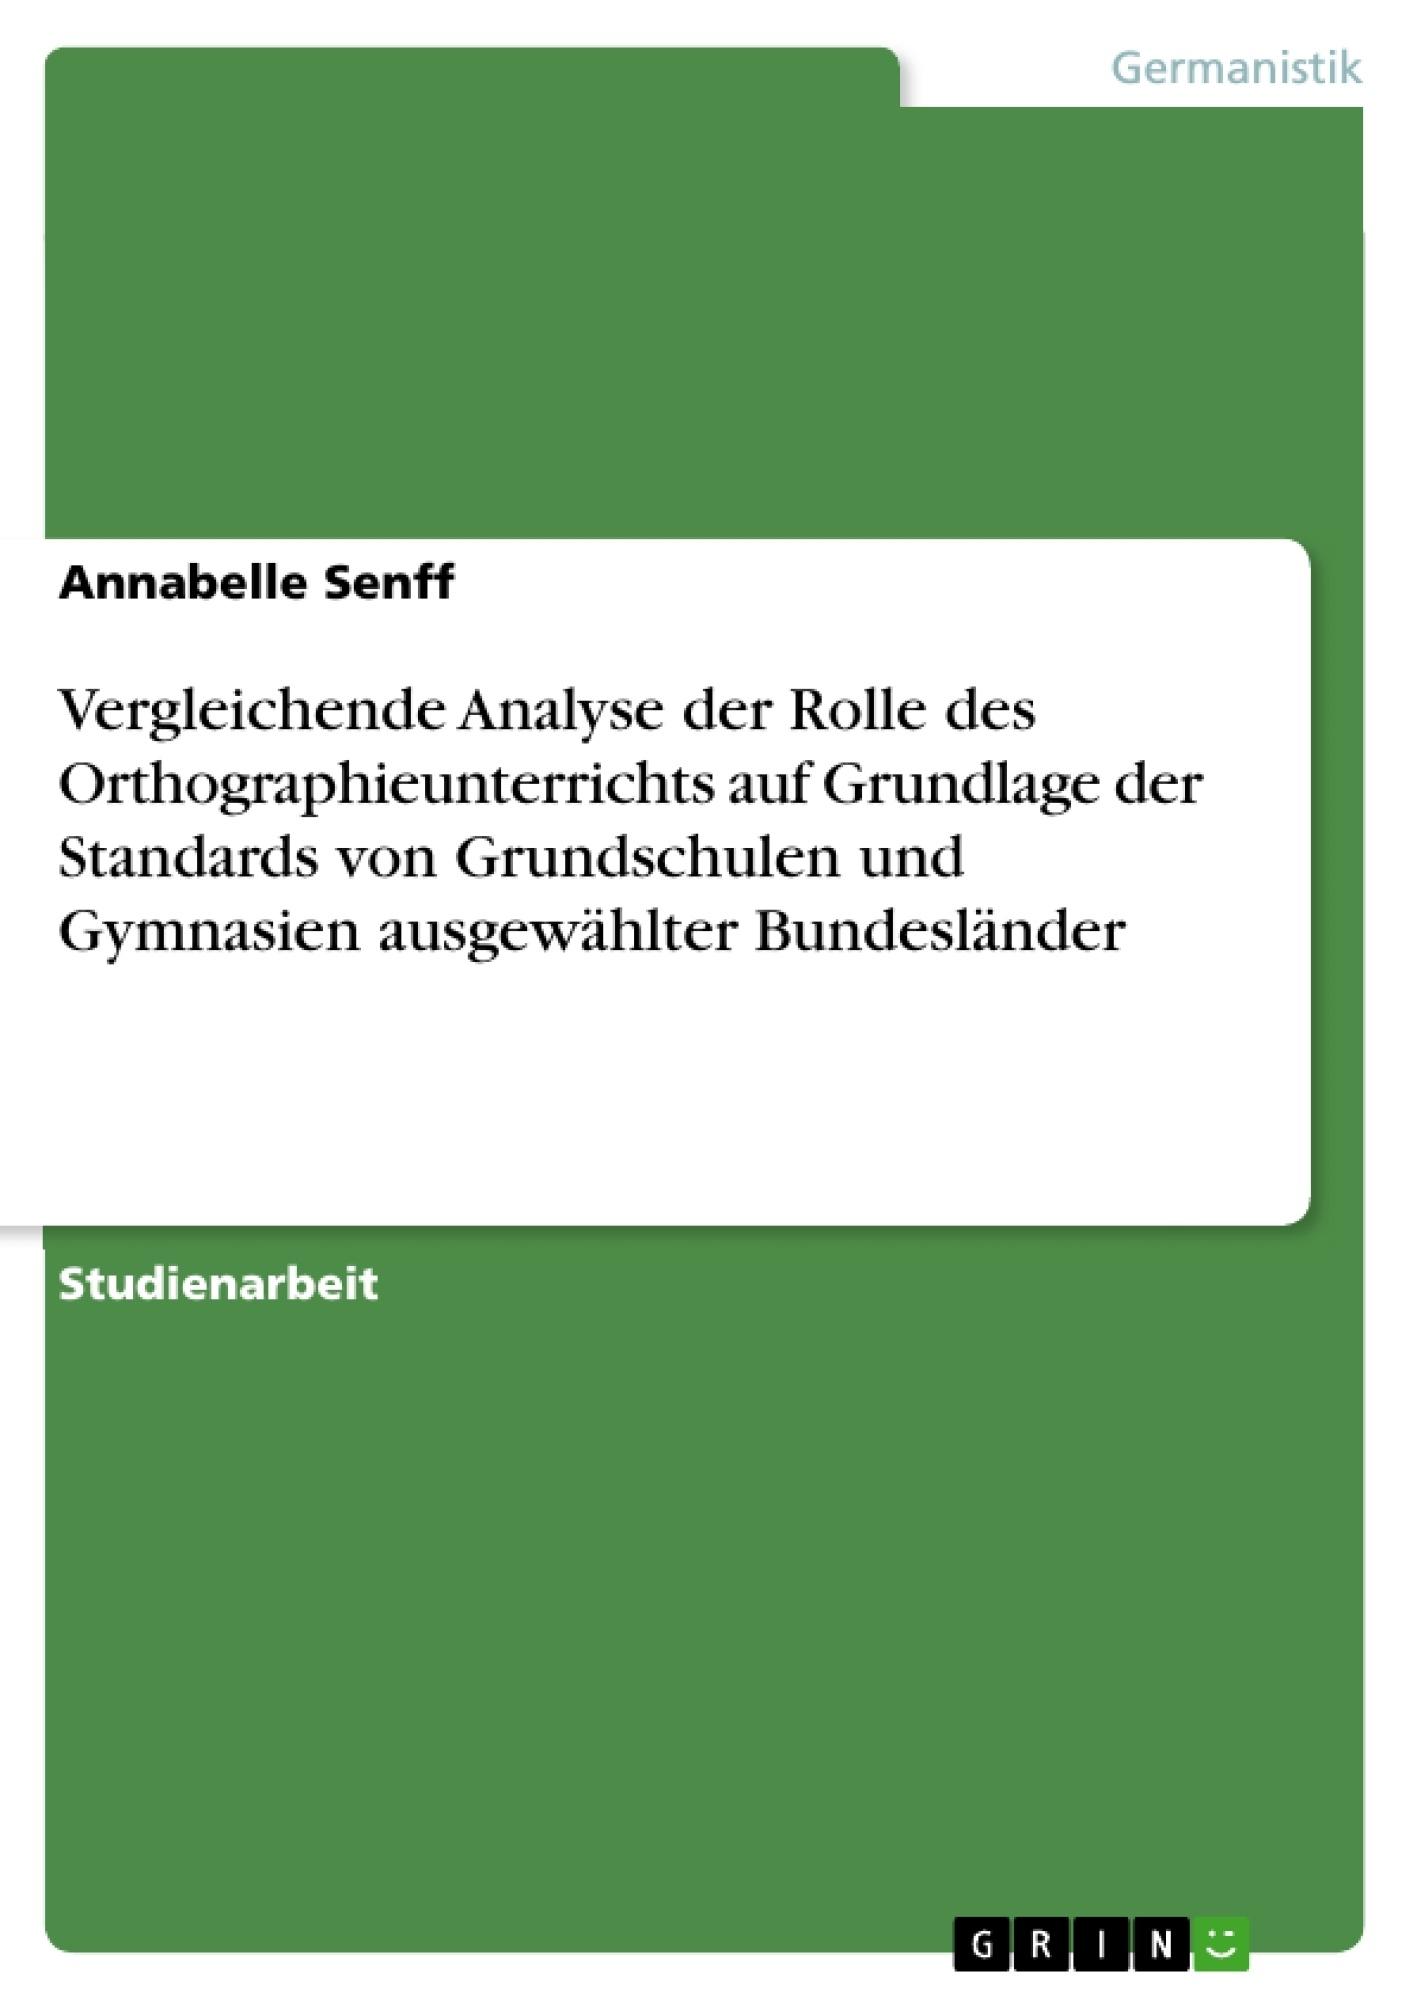 Titel: Vergleichende Analyse der Rolle des Orthographieunterrichts auf Grundlage der Standards von Grundschulen und Gymnasien ausgewählter Bundesländer